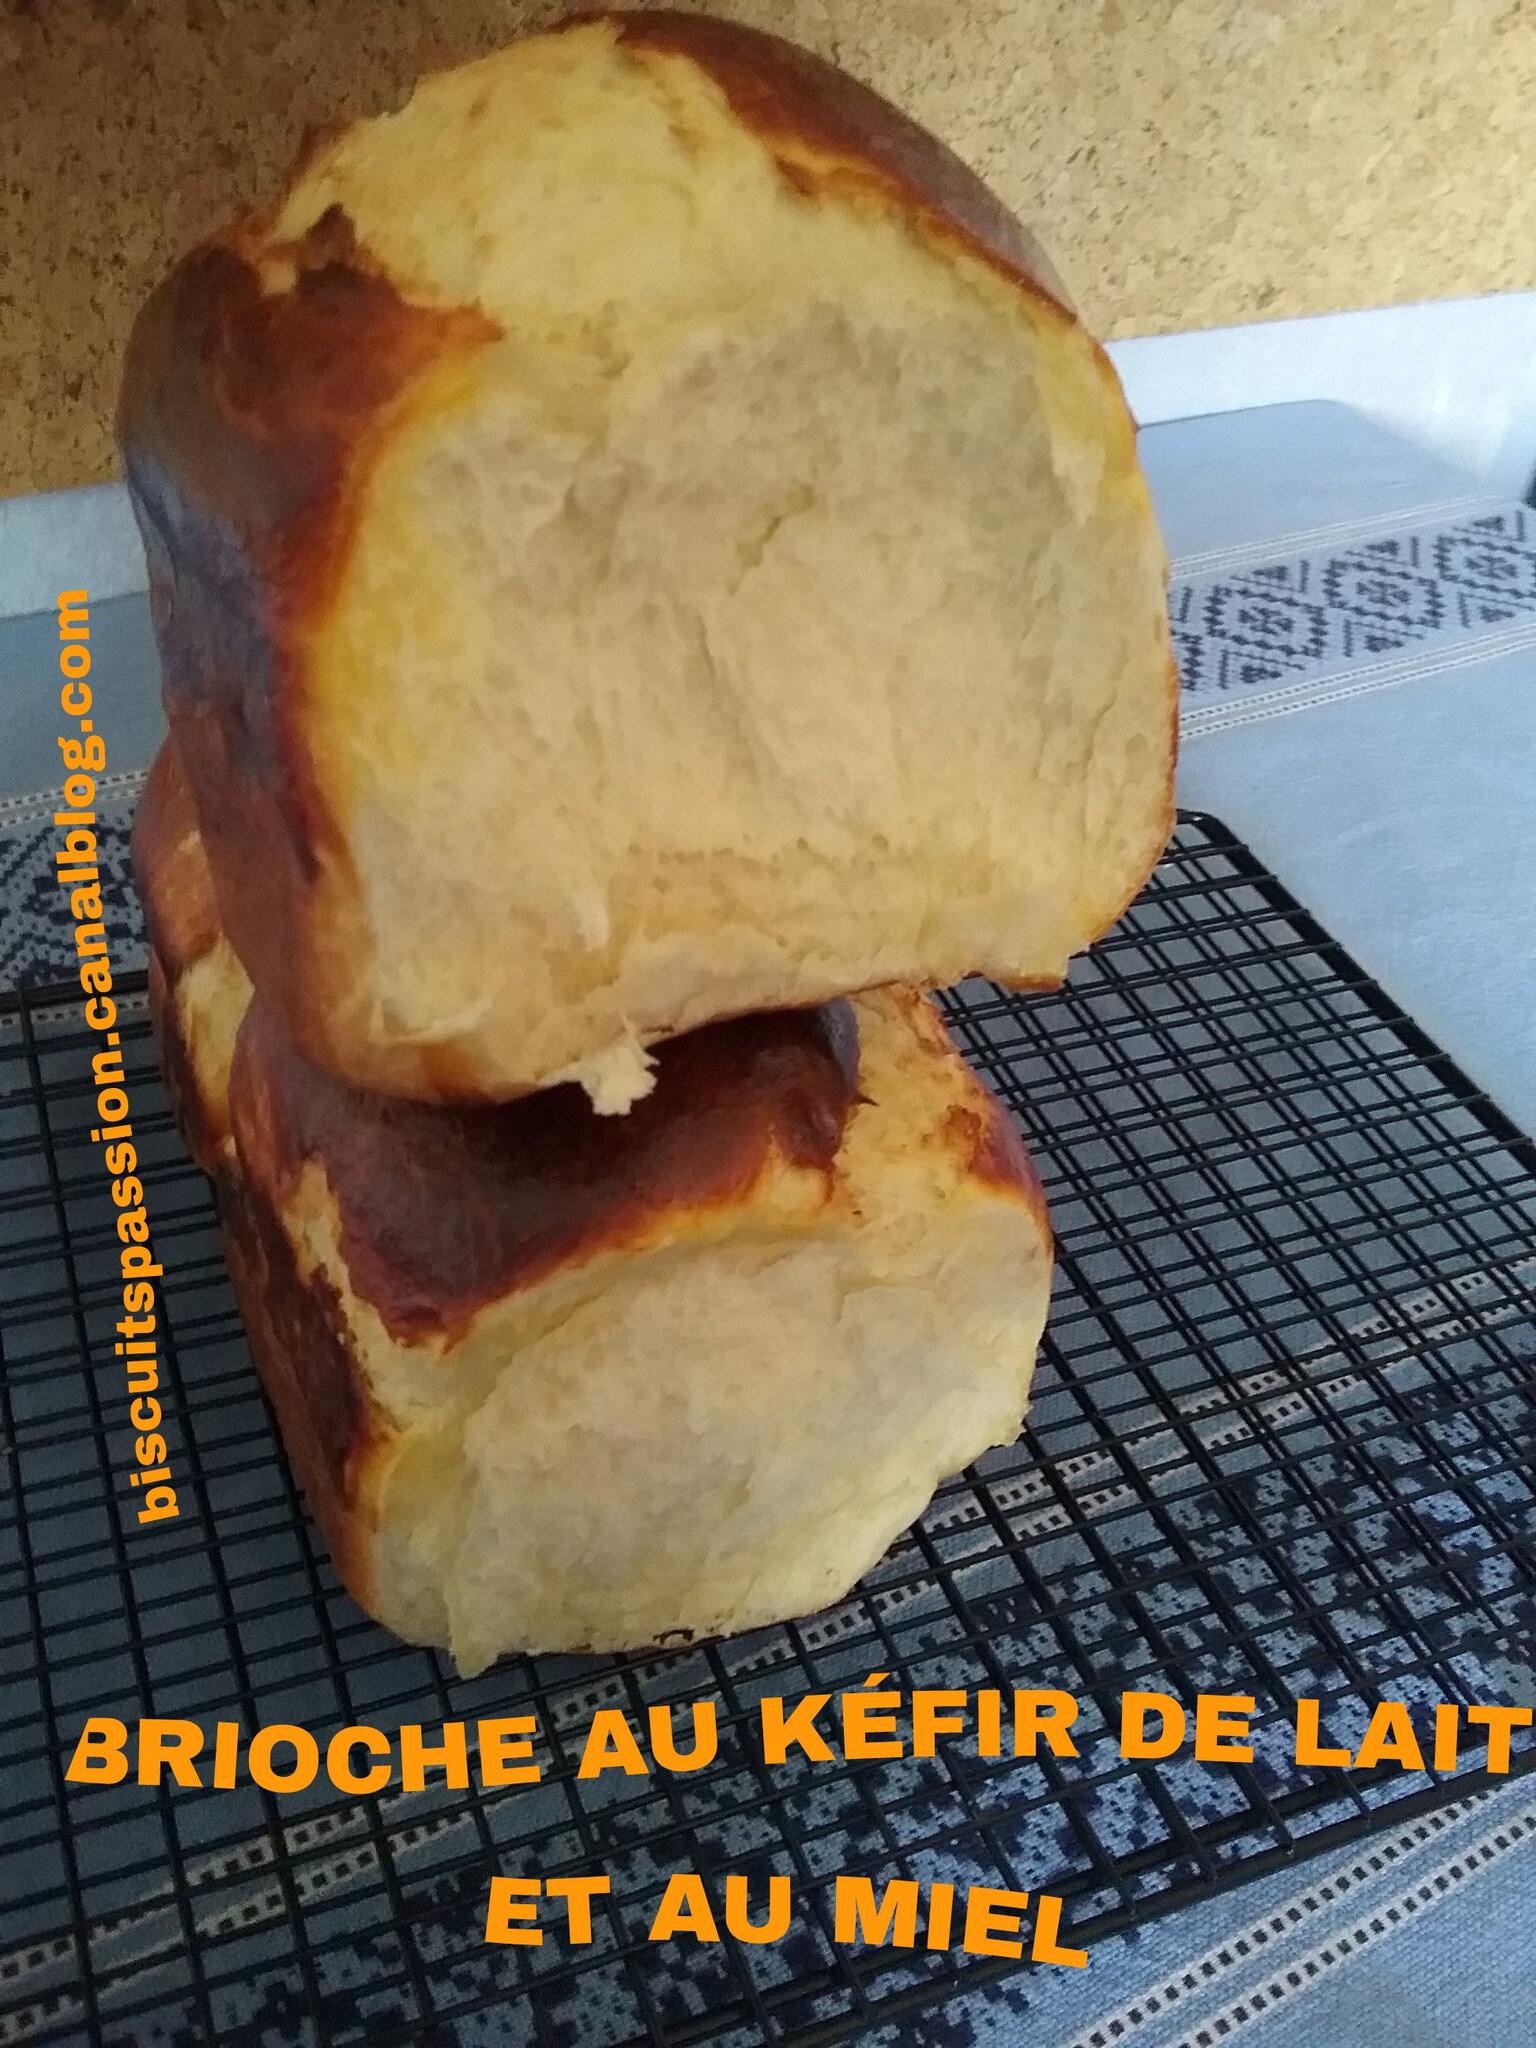 BRIOCHE AU KEFIR DE LAIT ET AU MIEL 015 - Copie (2)